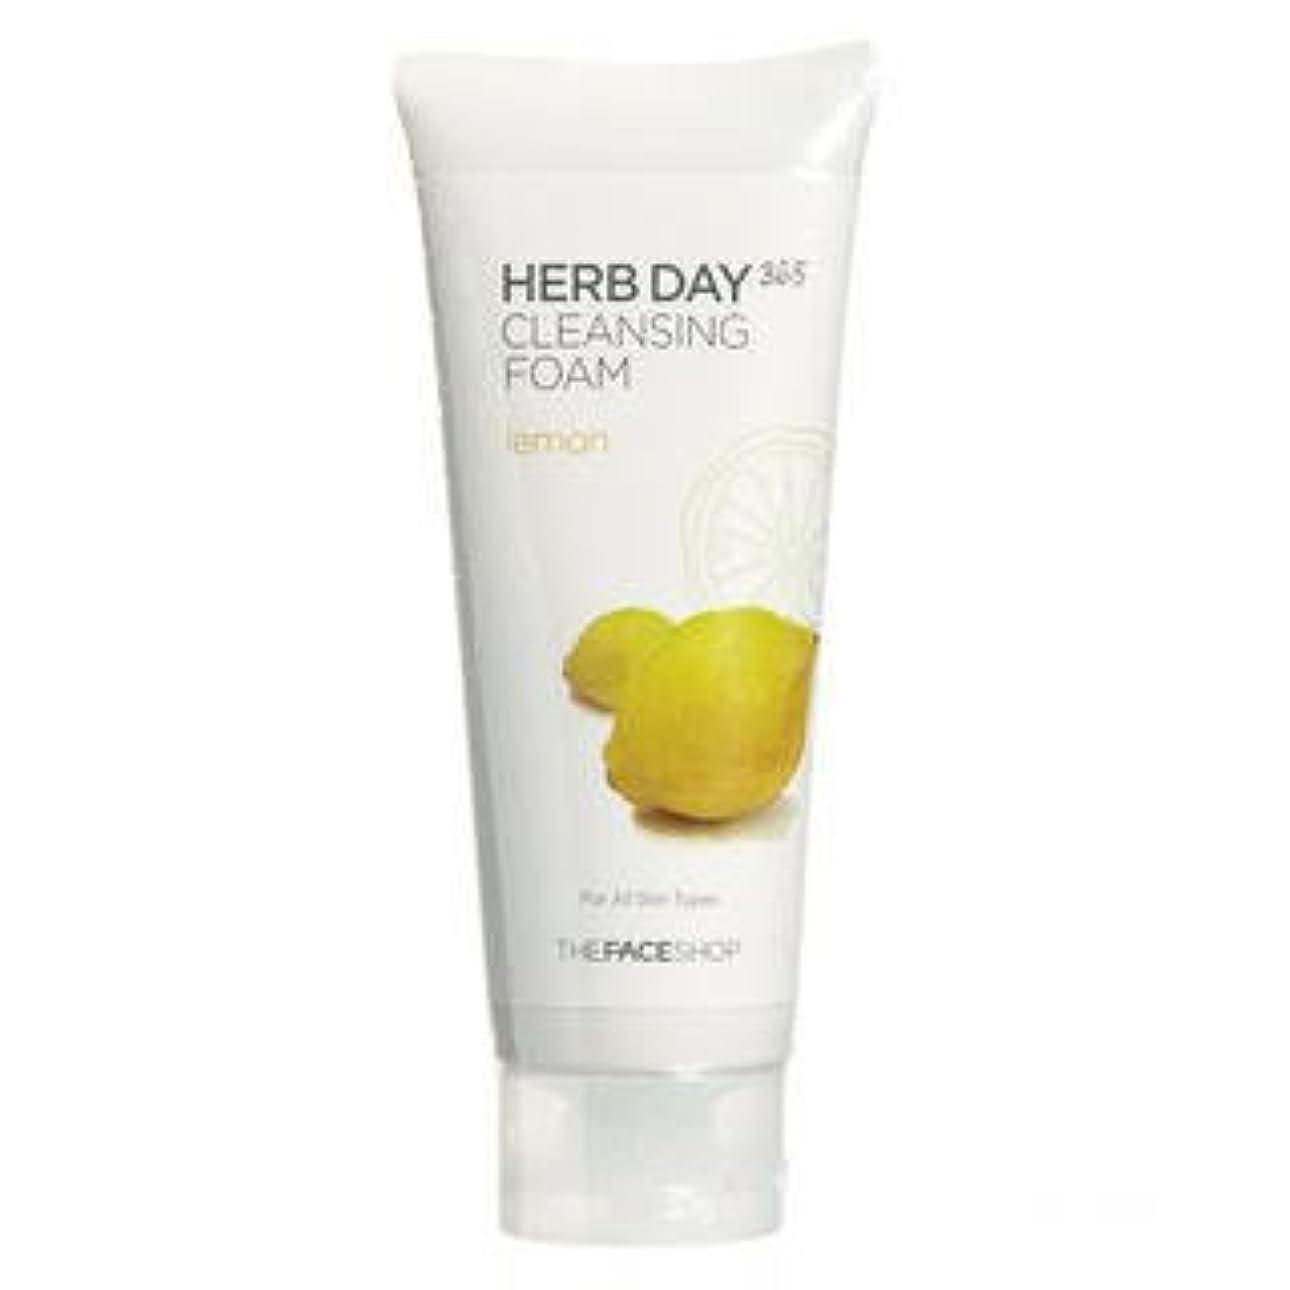 苦情文句ジャンピングジャック倍増The Face Shop - Herb Day Cleansing Cleansing Foam (Lemon)170ml /Made in Korea